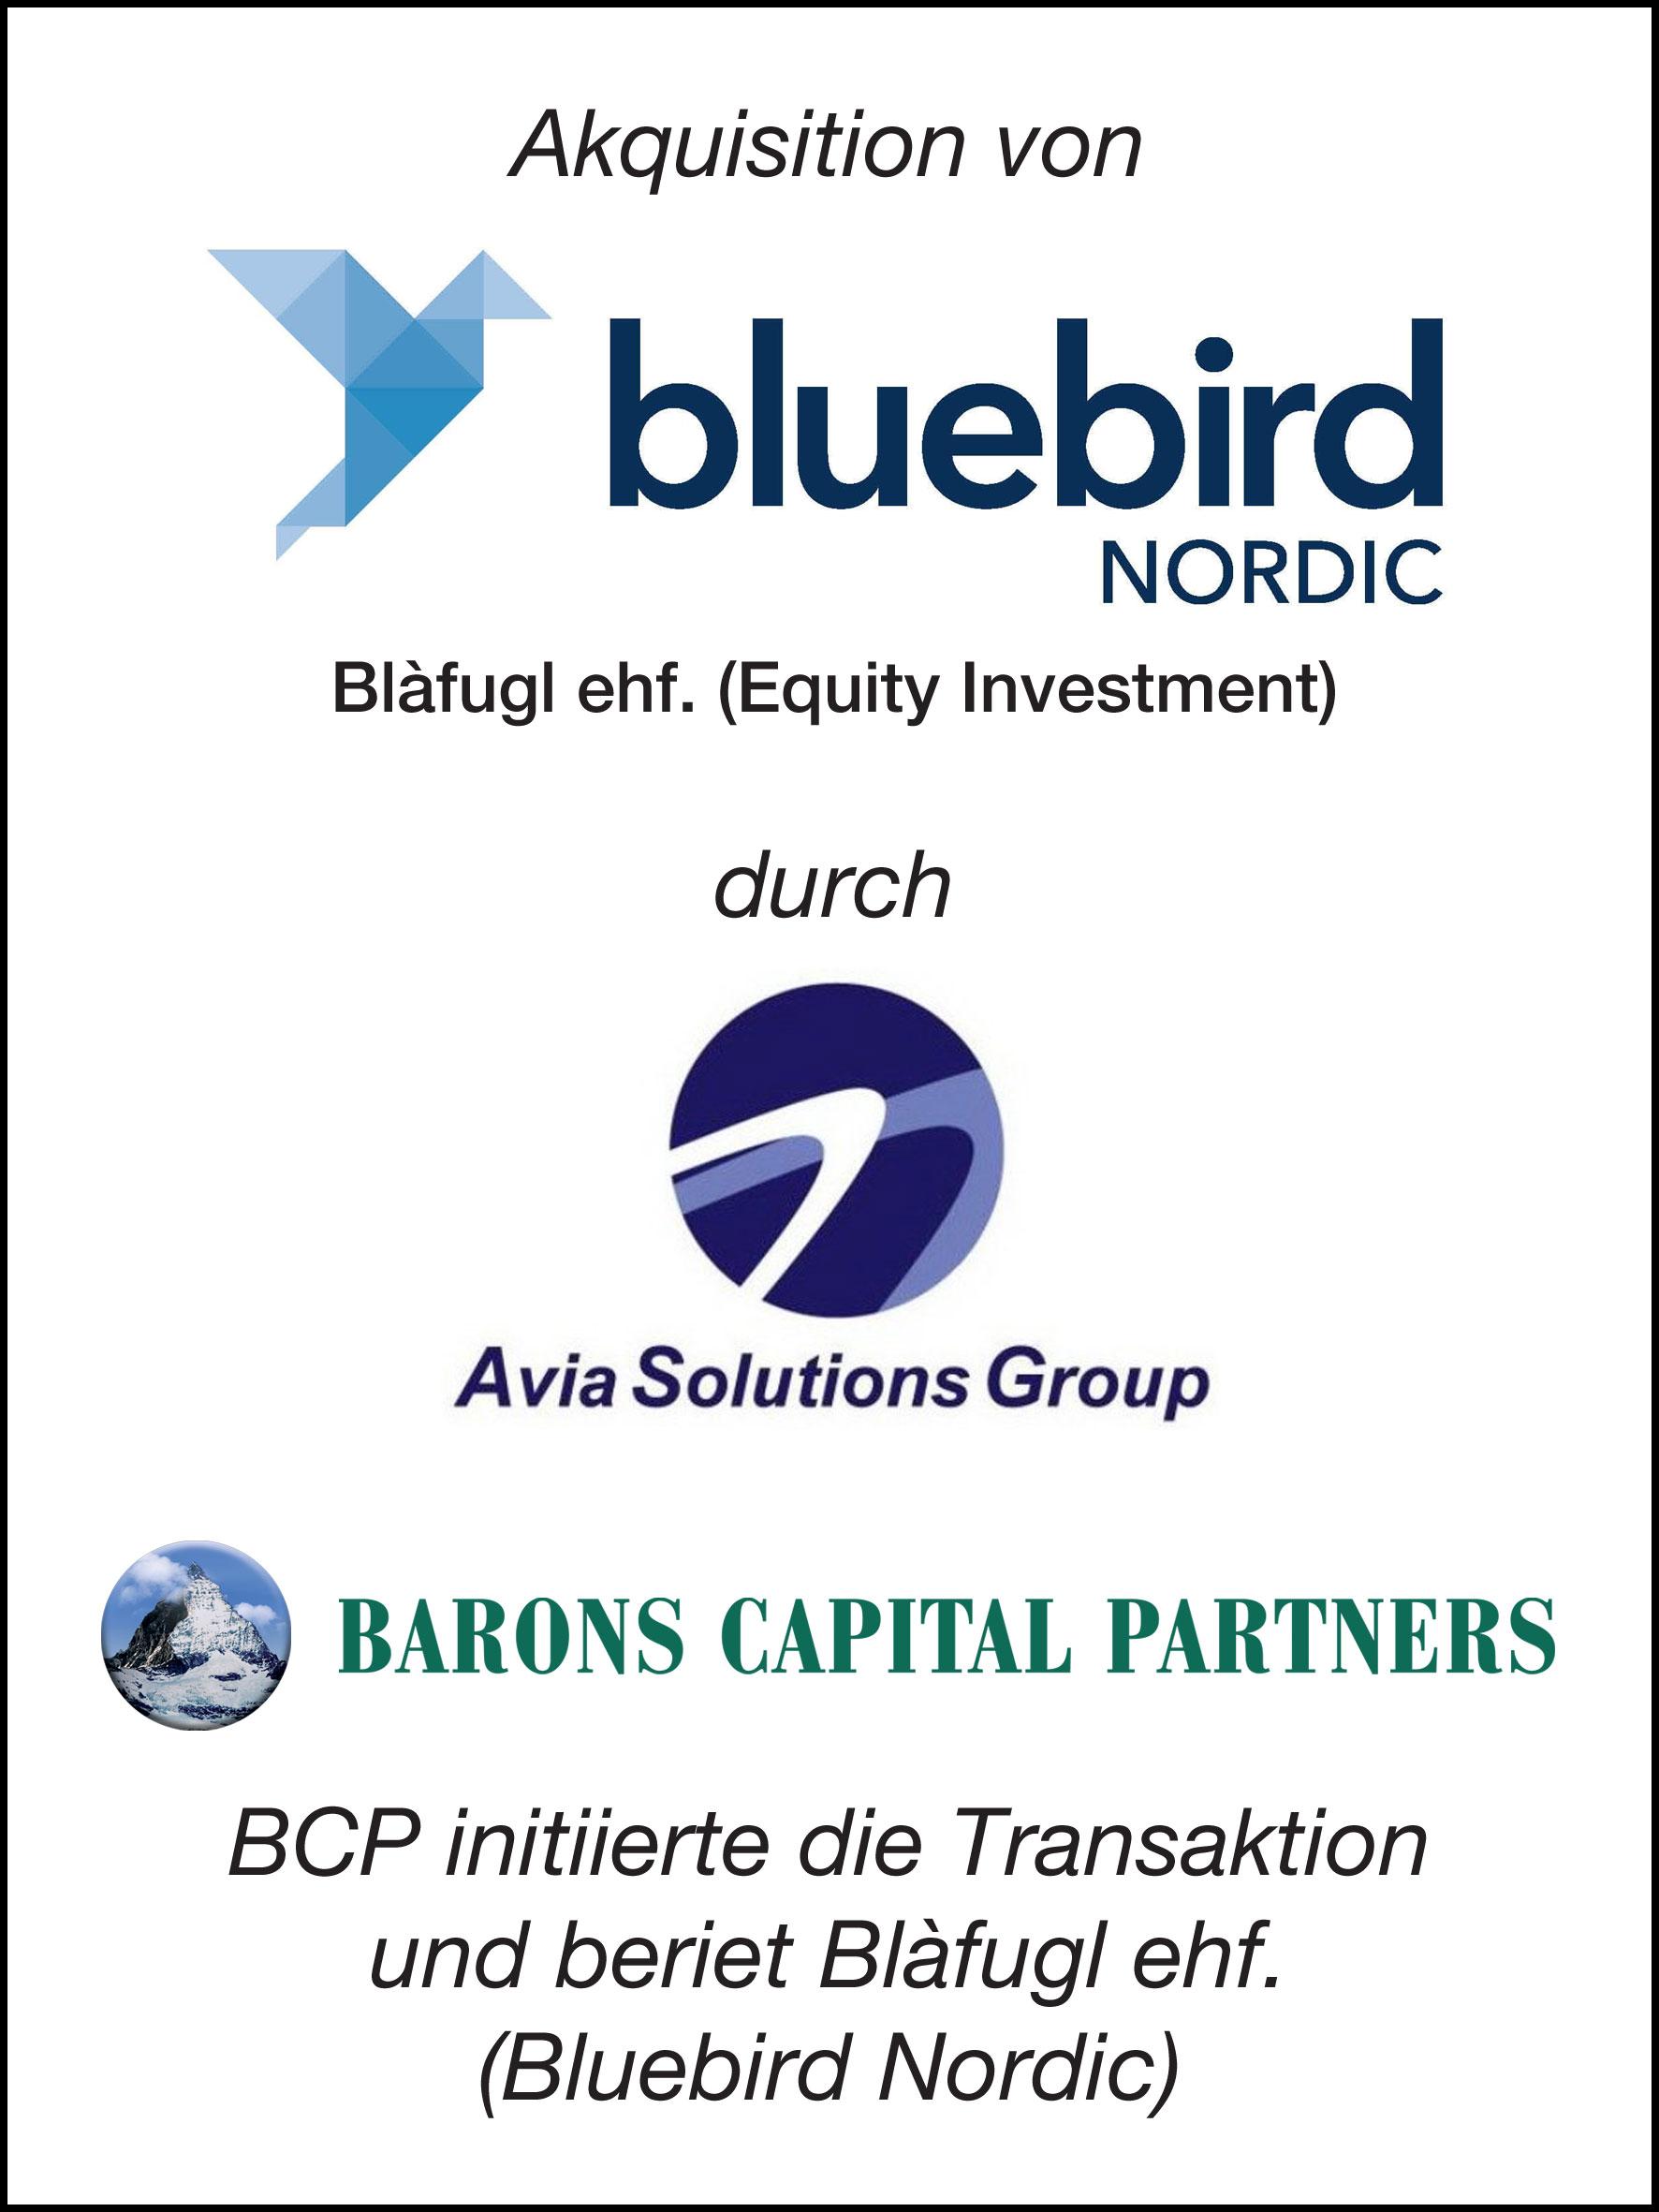 5_Blàfugl ehf. (Bluebird Nordic)_G